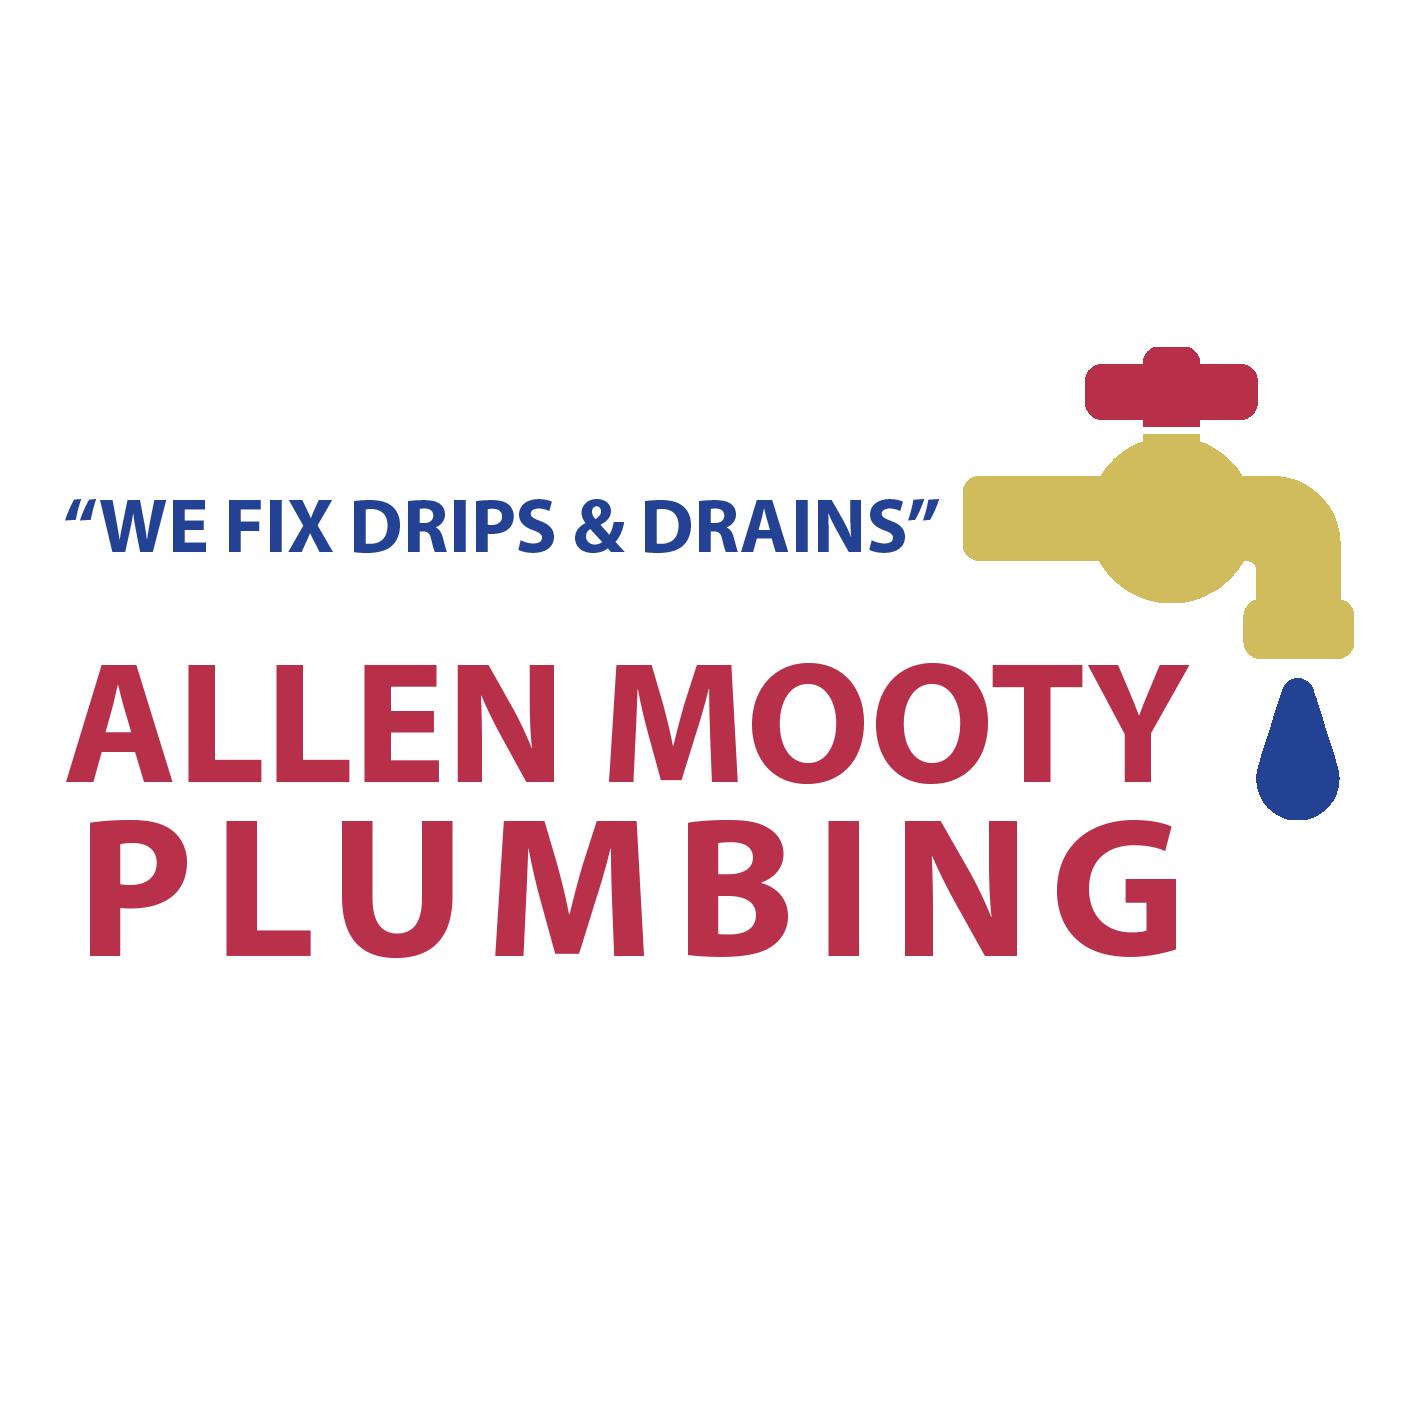 Allen Mooty Plumbing, Inc.